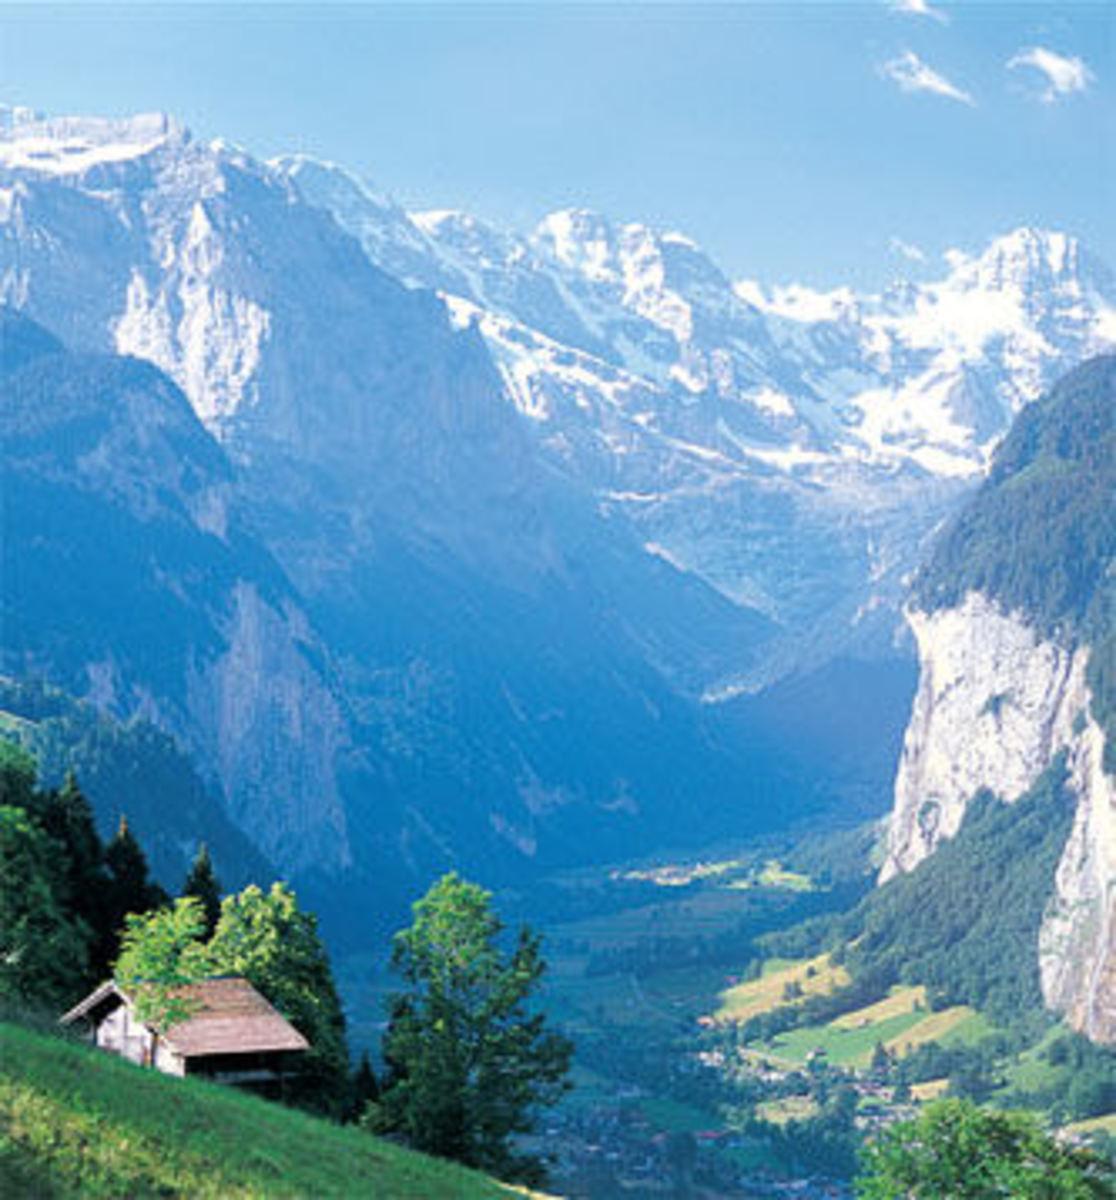 Switzerland Beautiful Places: Switzerland The World Most Beautiful Place: Www